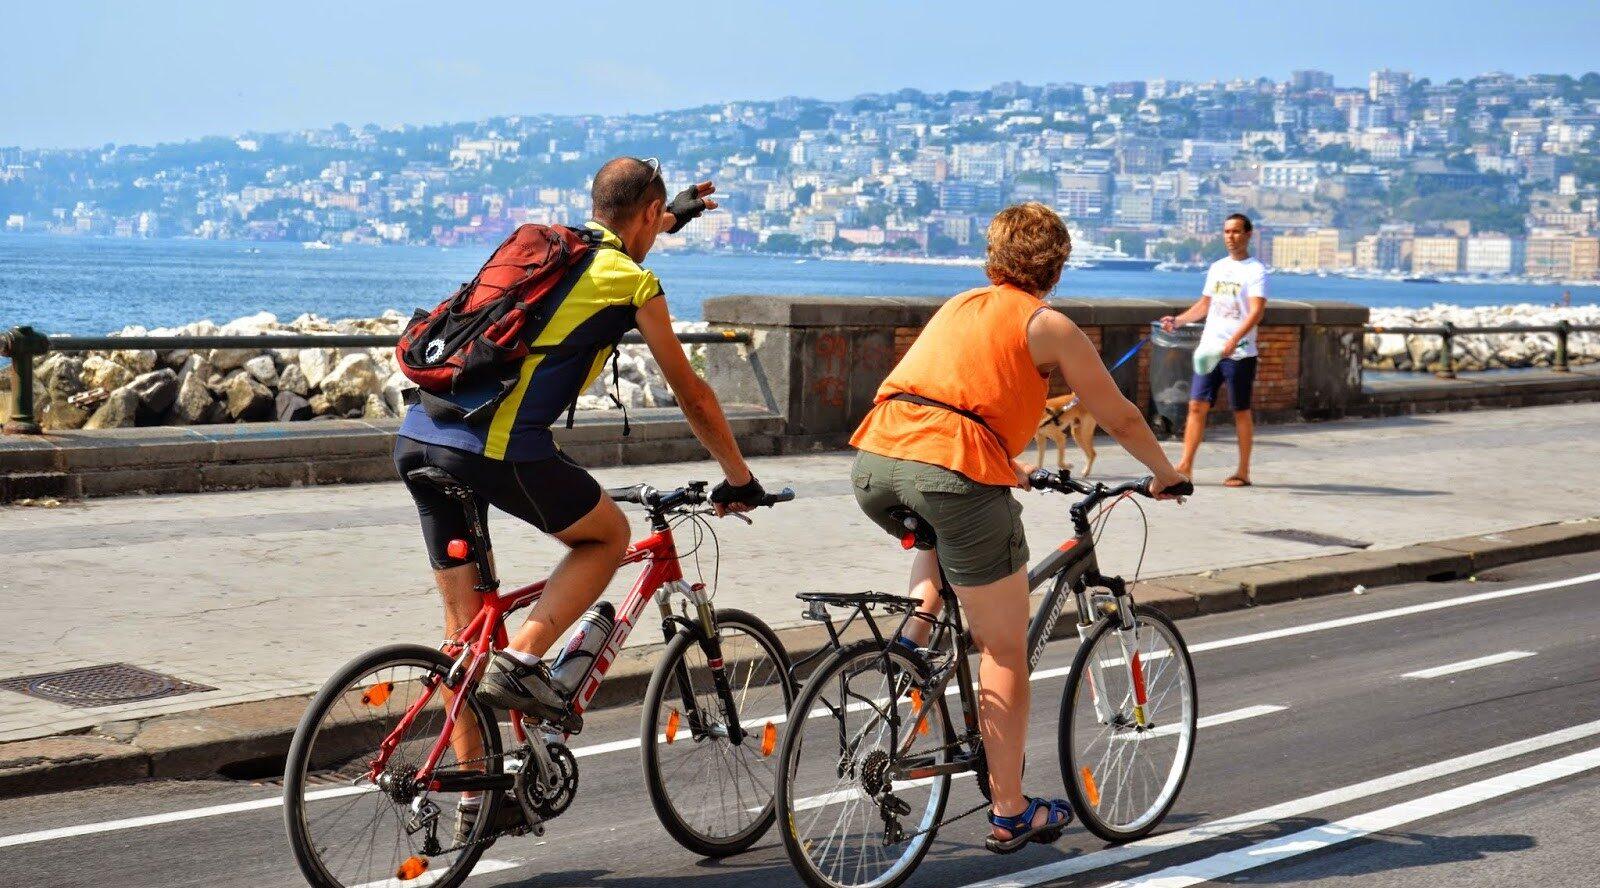 Афиша неаполитанского байк-фестиваля с велосипедными прогулками, концертами и поиском сокровищ на велосипеде